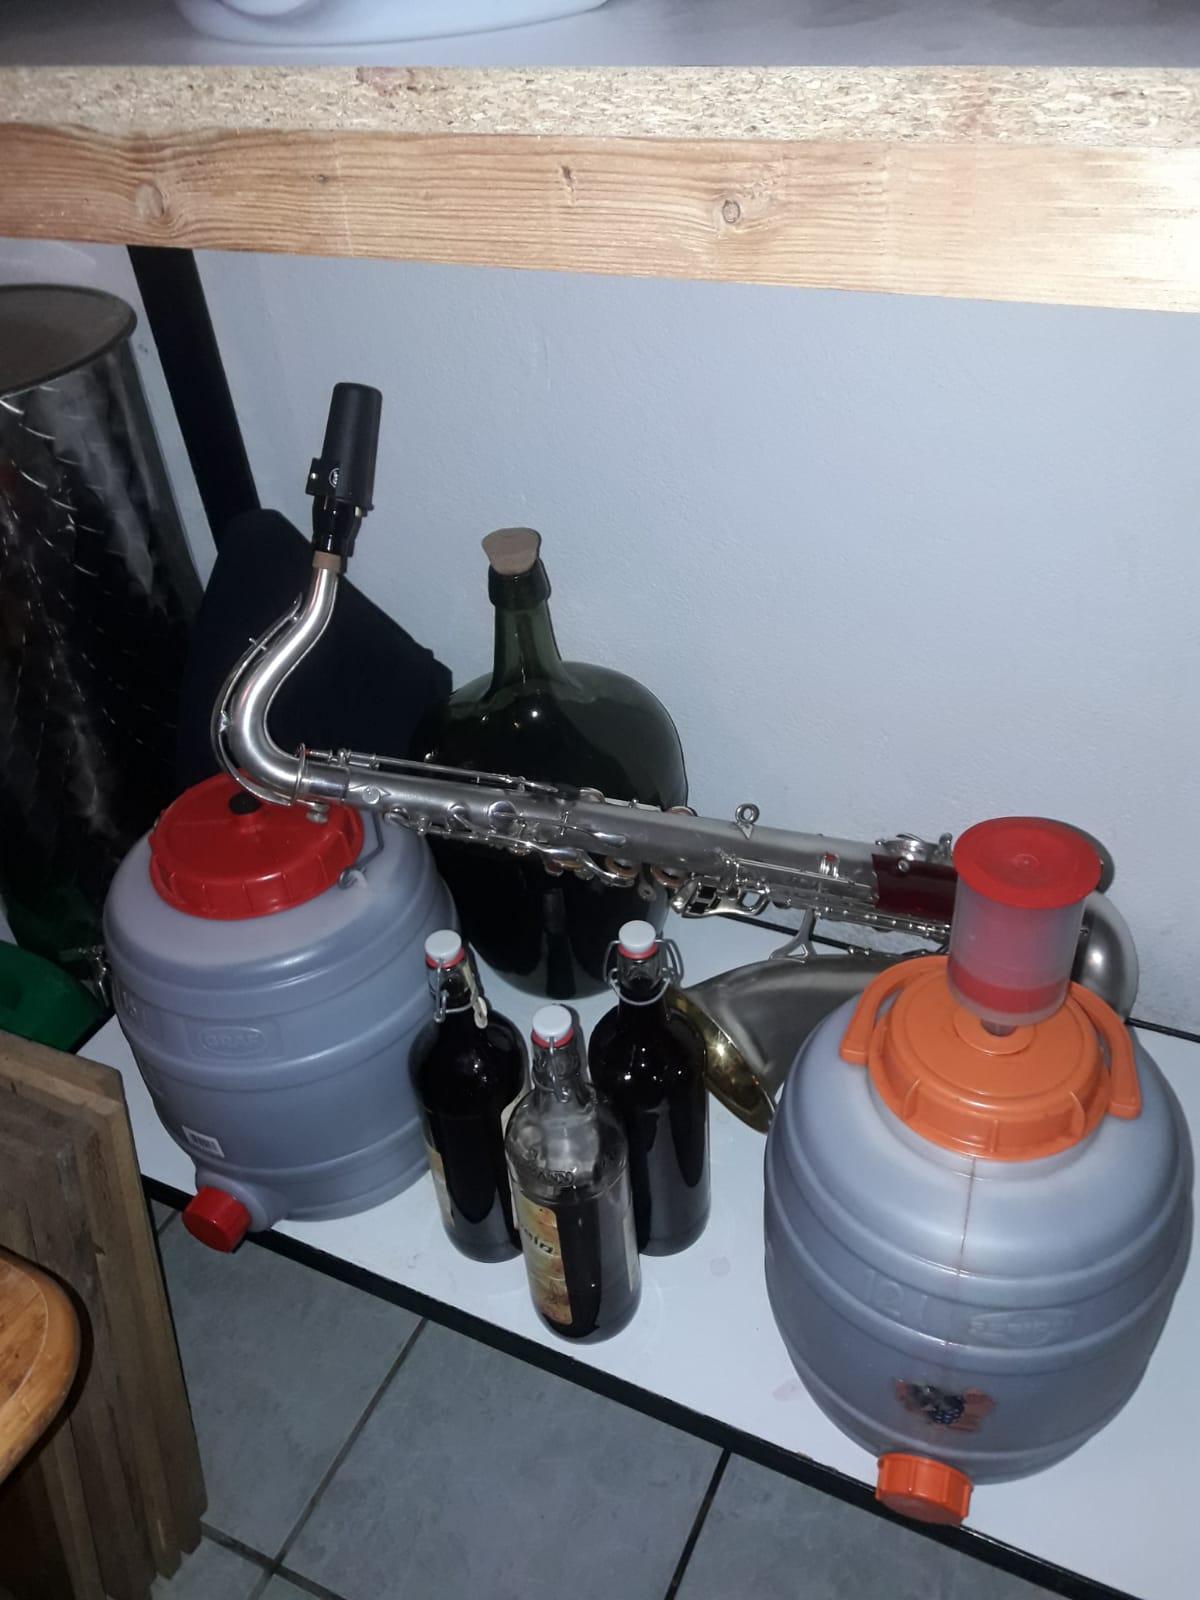 Ohjee, hier wurde wohl im Weinkeller geübt. Auf die Probe-Ergebnisse sind wir gespannt. ;-)